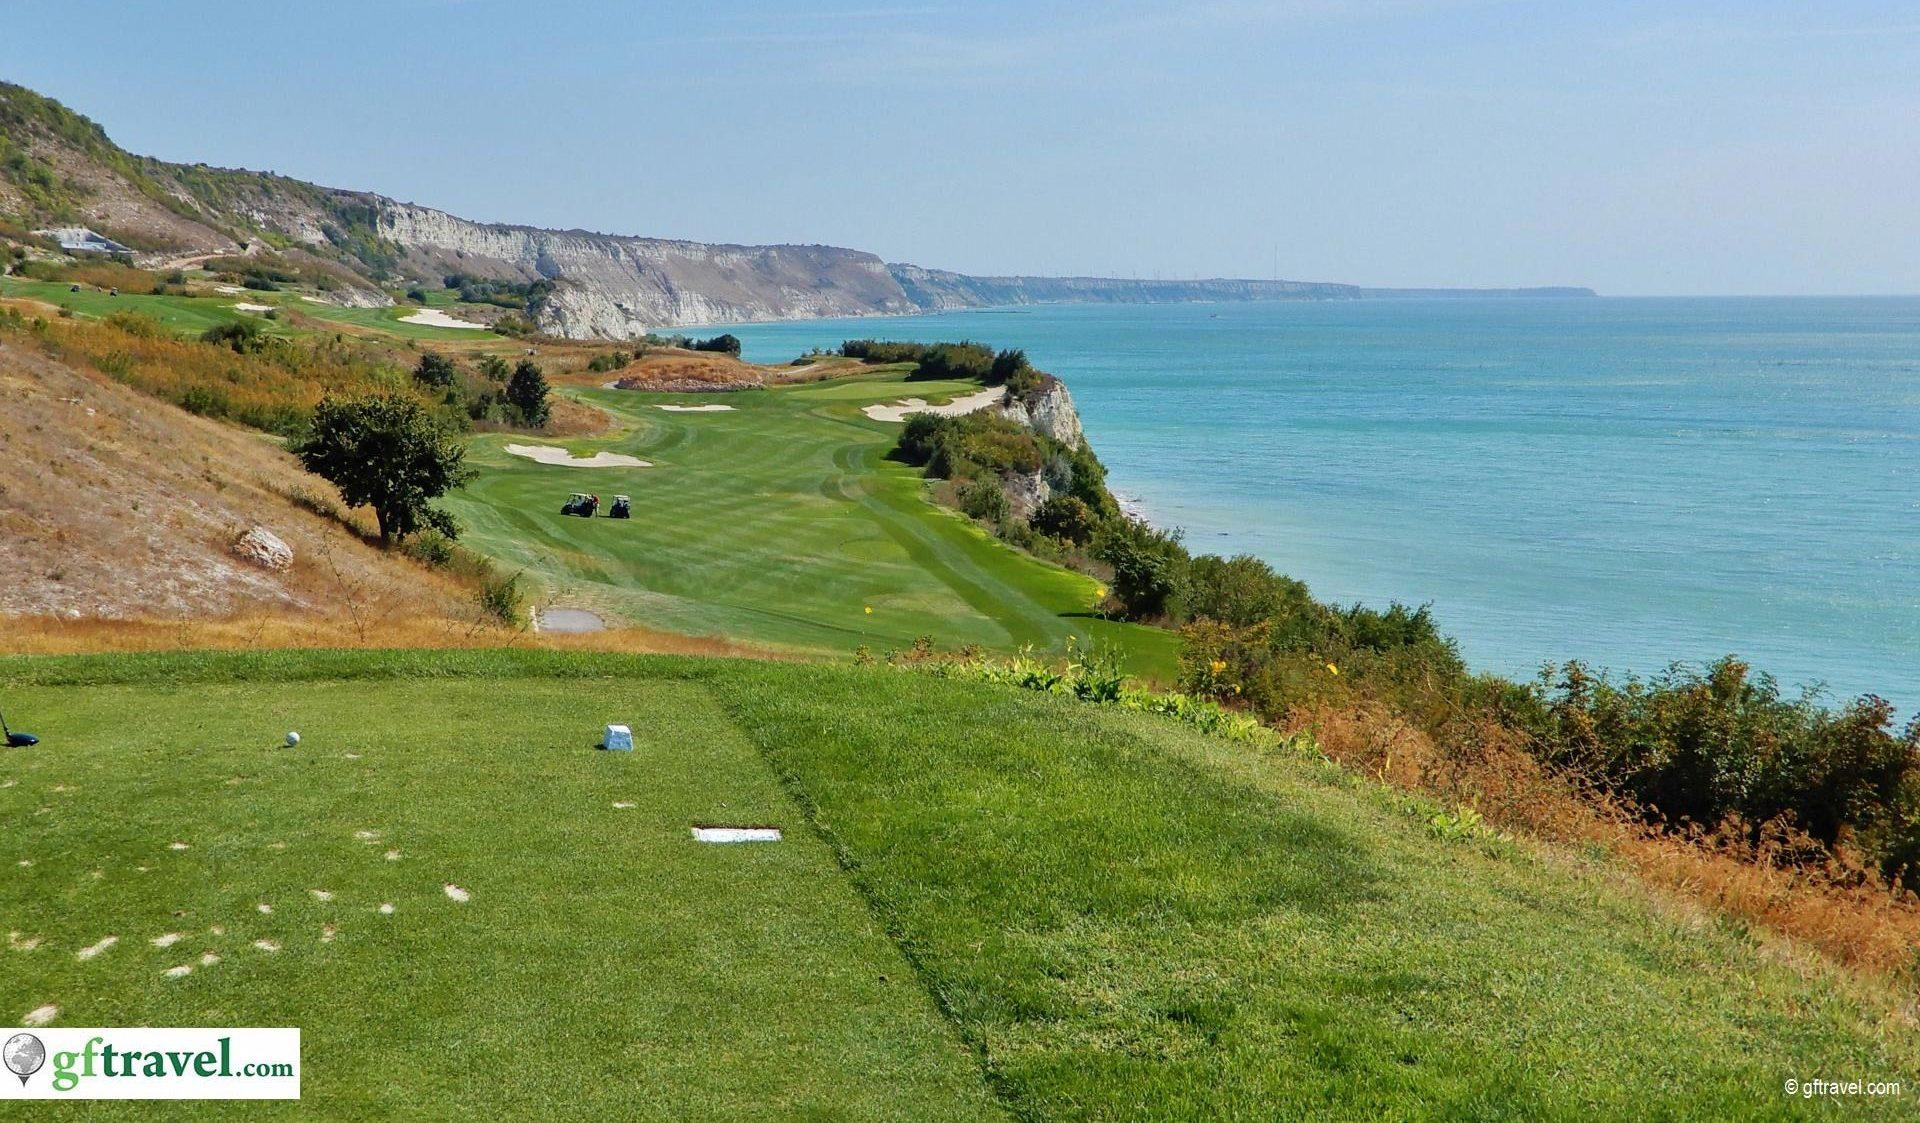 Golf-Gruppenreise-Bulgarien-Thracian-Cliffs-Reisebericht-GC-Thracian-Cliffs-Course-8